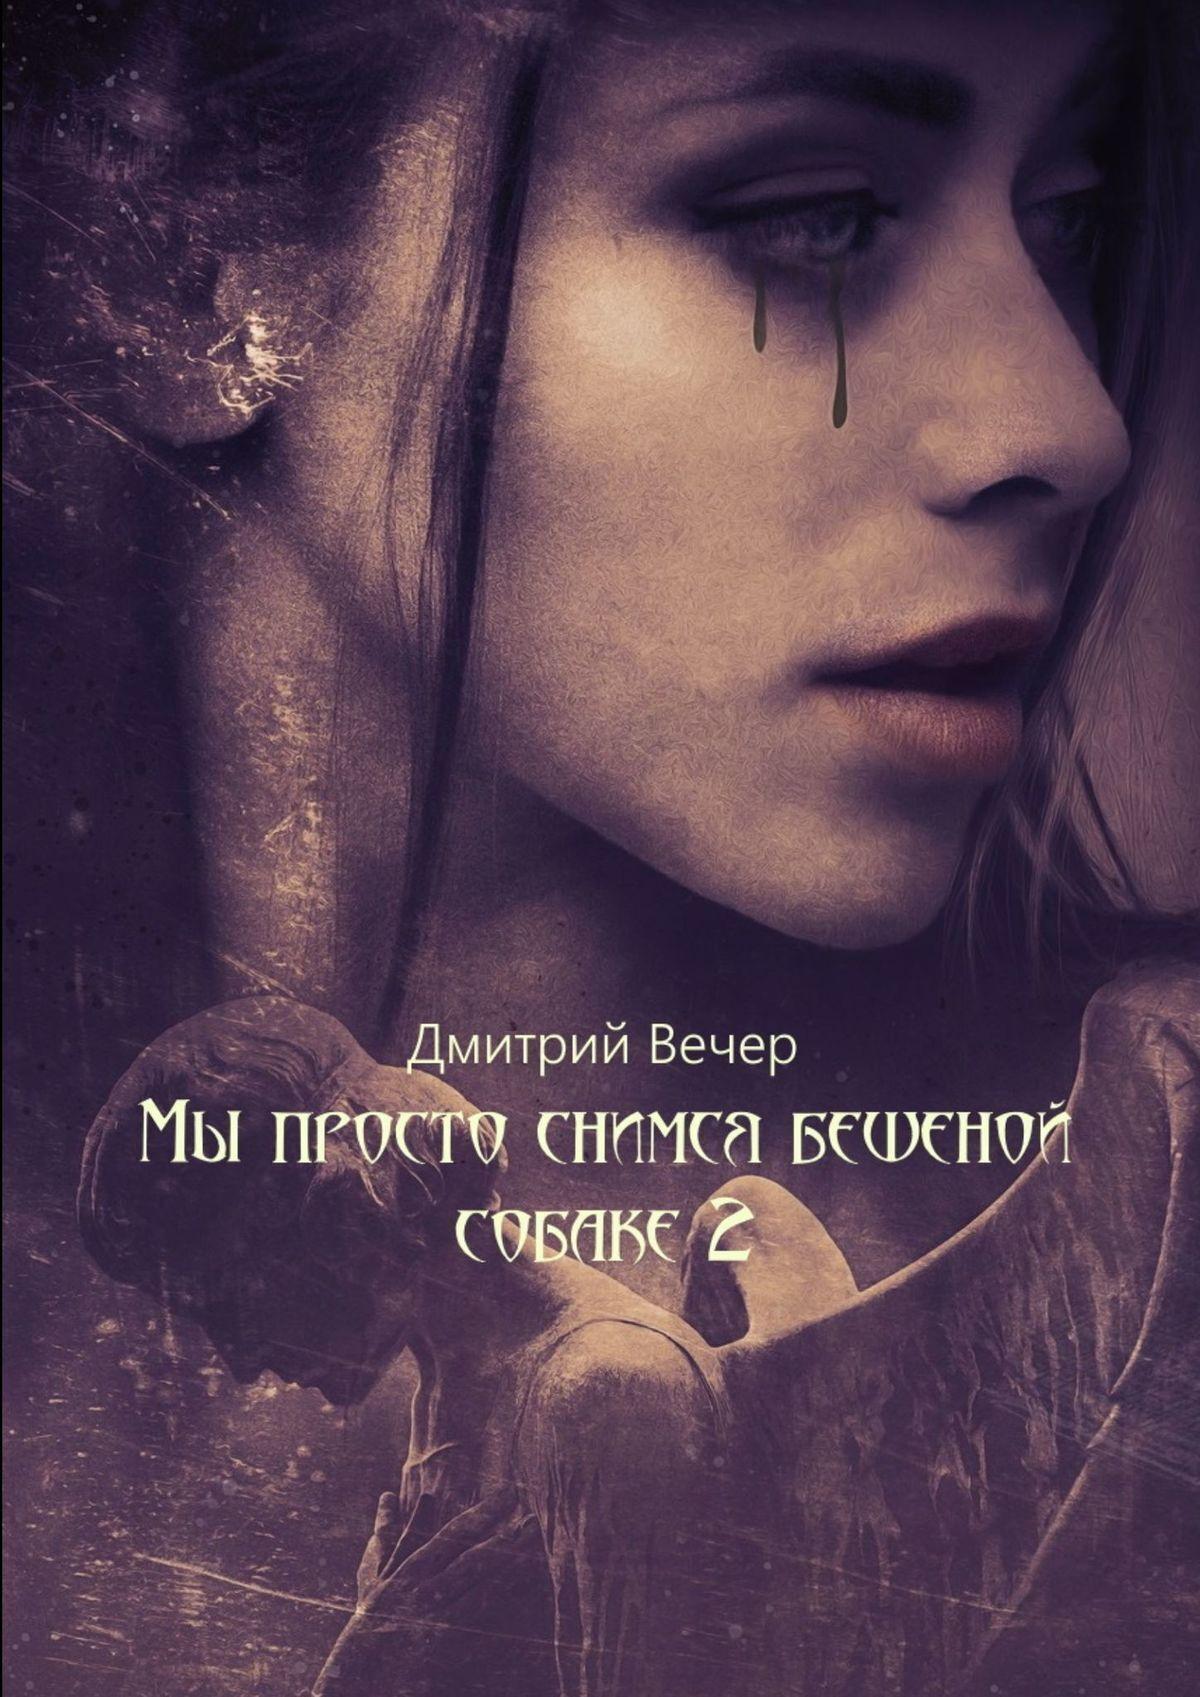 Дмитрий Вечер Мы просто снимся бешеной собаке 2